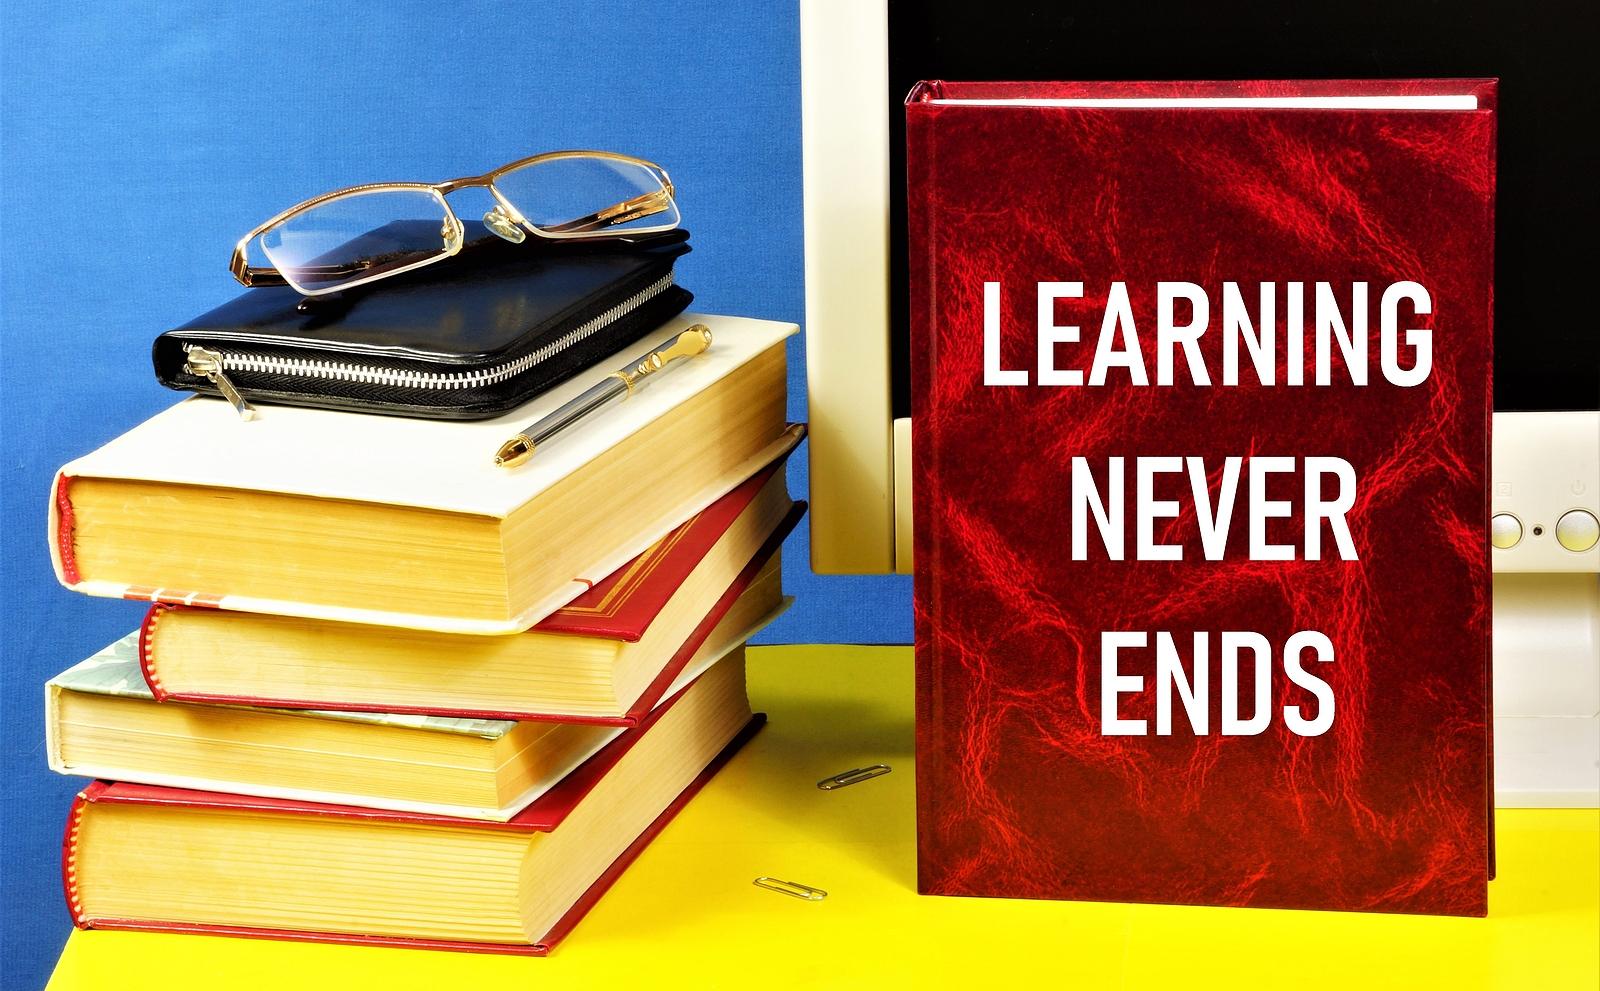 8 Timeless Entrepreneurial Skills To Learn